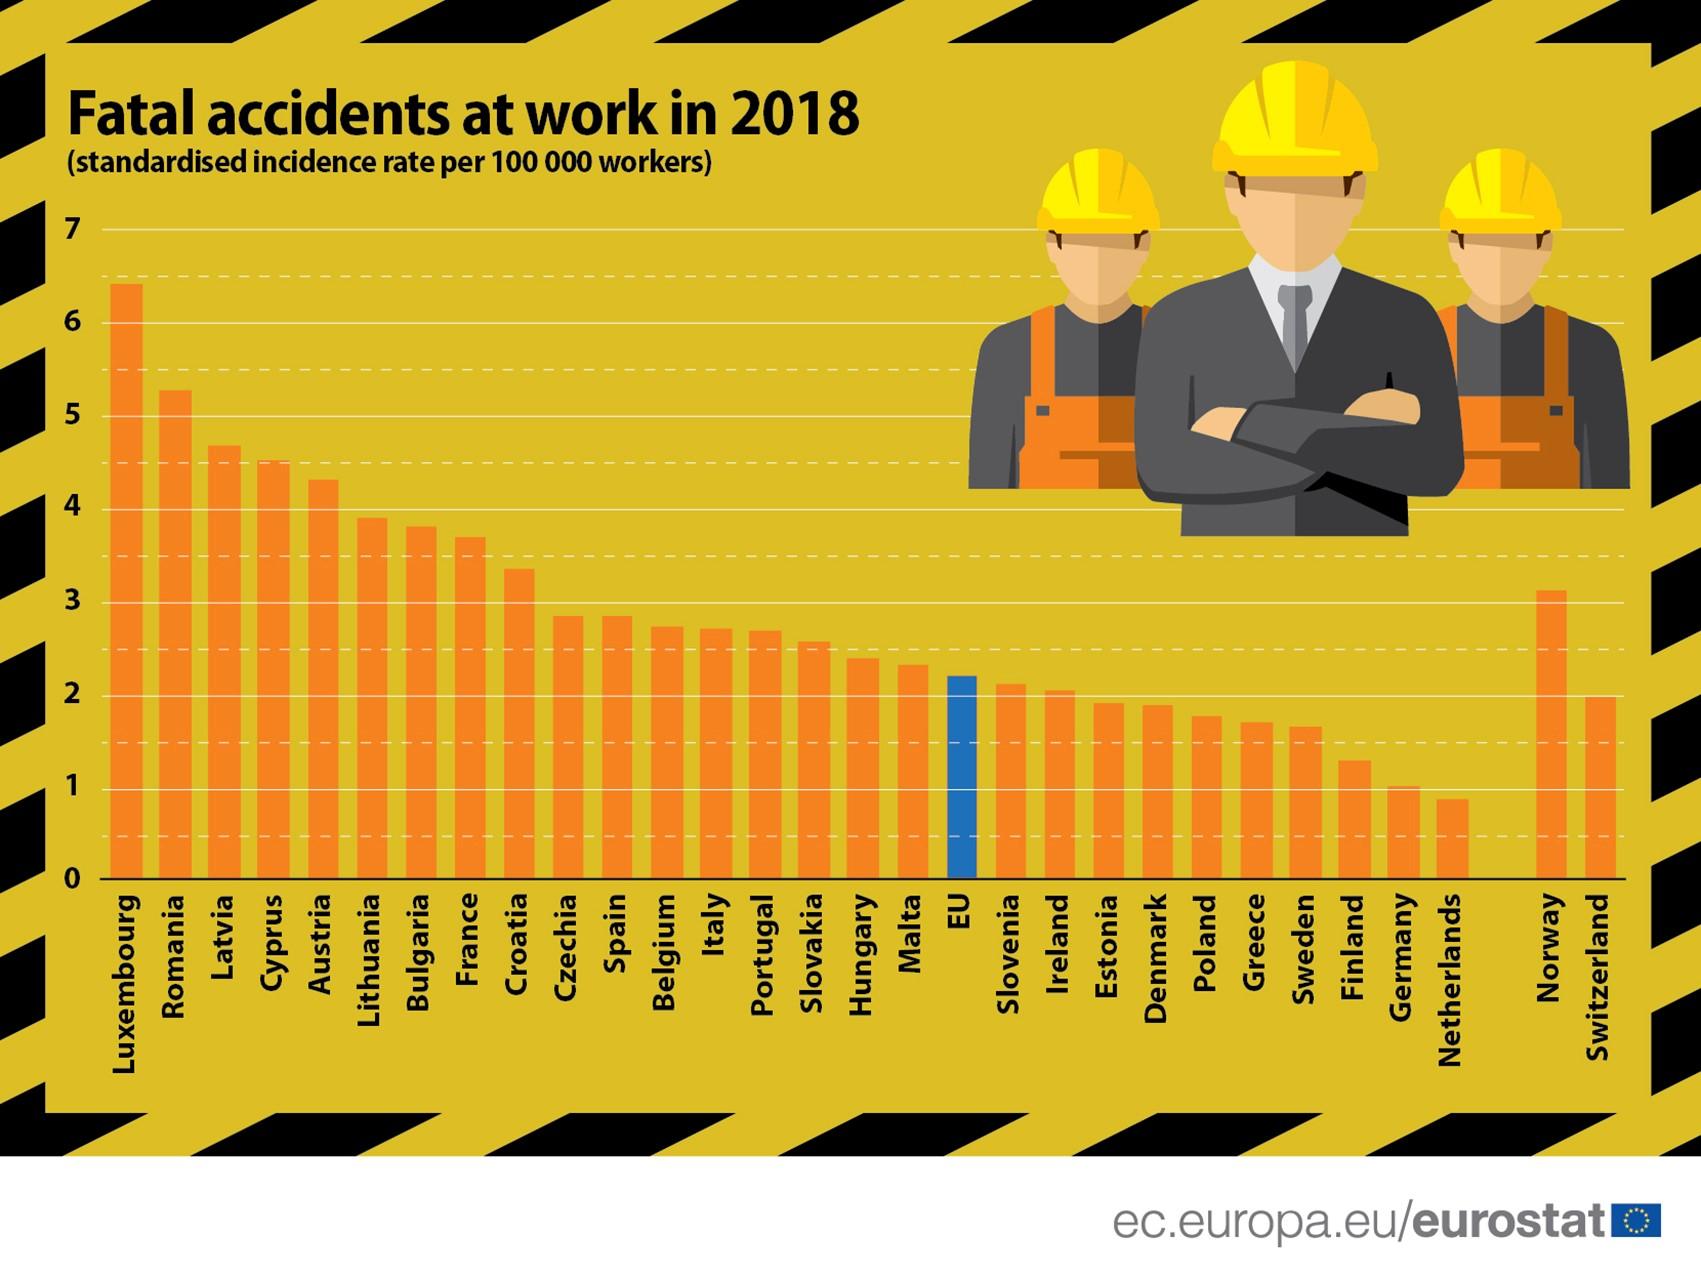 U Holandiji i Nemačkoj najmanje povreda na radu u EU, u Luksemburgu najviše 2